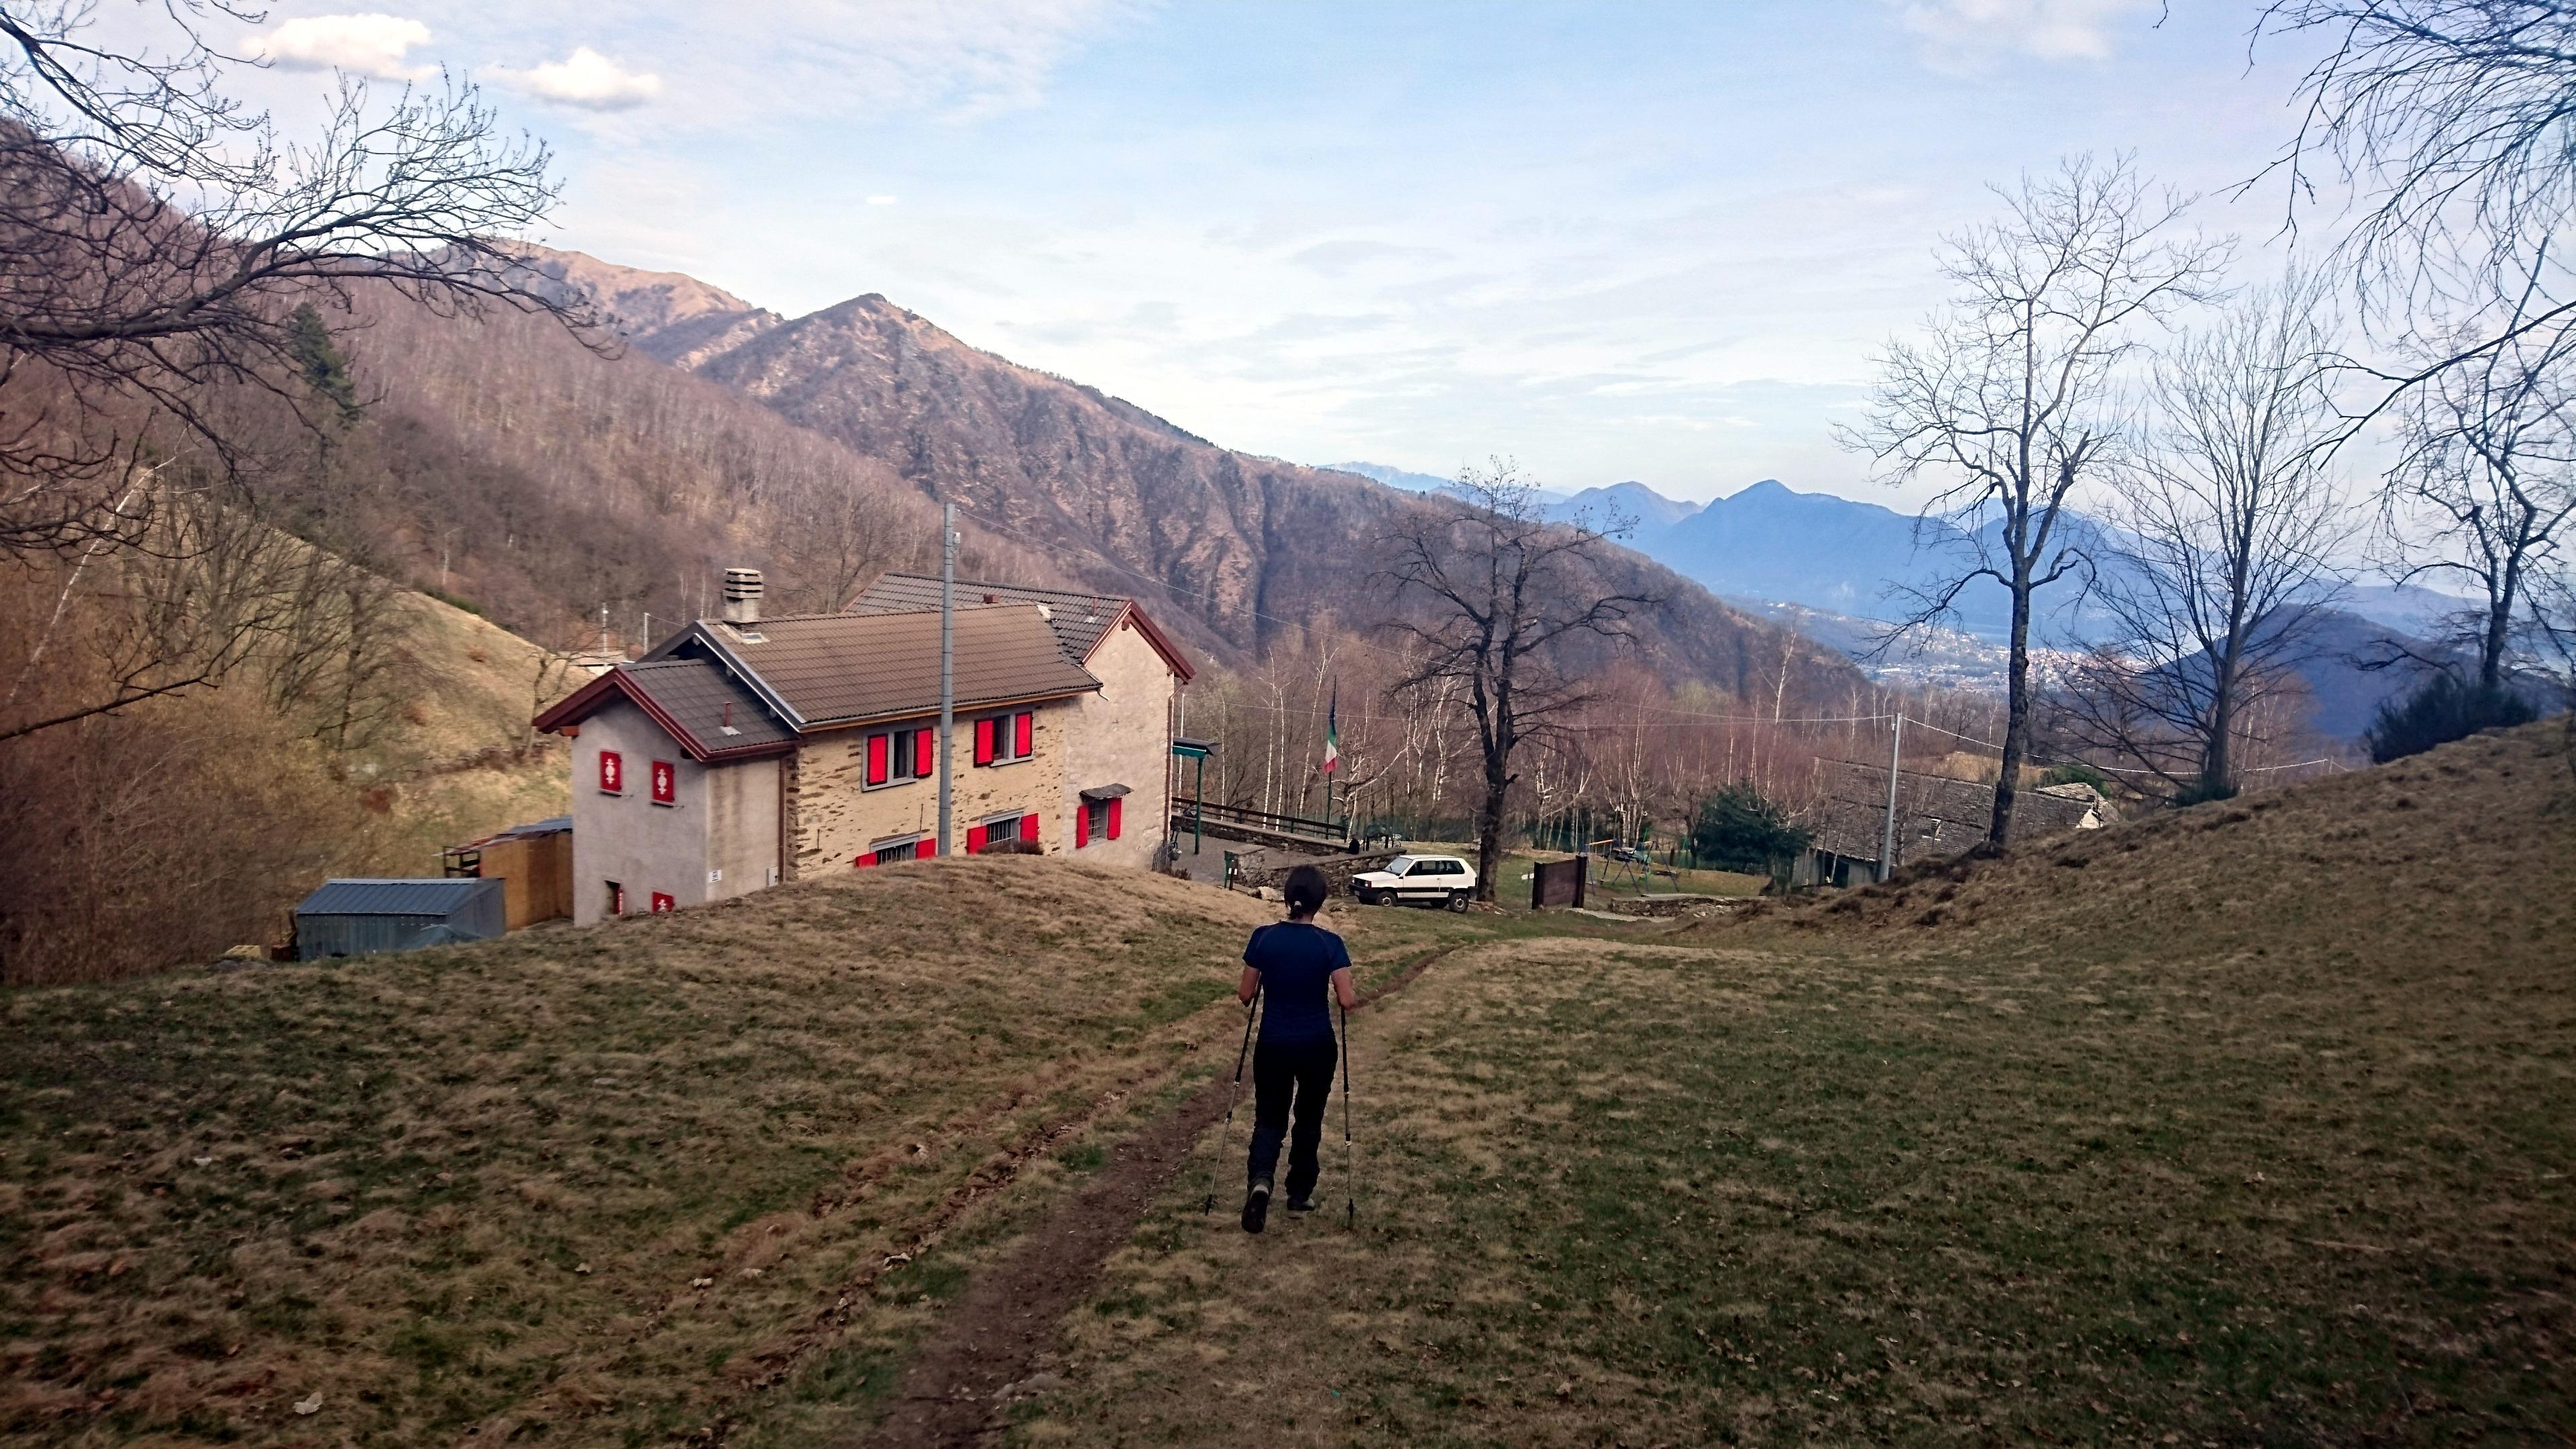 arriviamo infine all'Alpe Ompio, in vista del Rifugio Cai Fantoli: vista la vicinanza con l'accesso stradale carrabile la struttura è frequentatissima anche da persone che ne fanno la meta della loro escursione